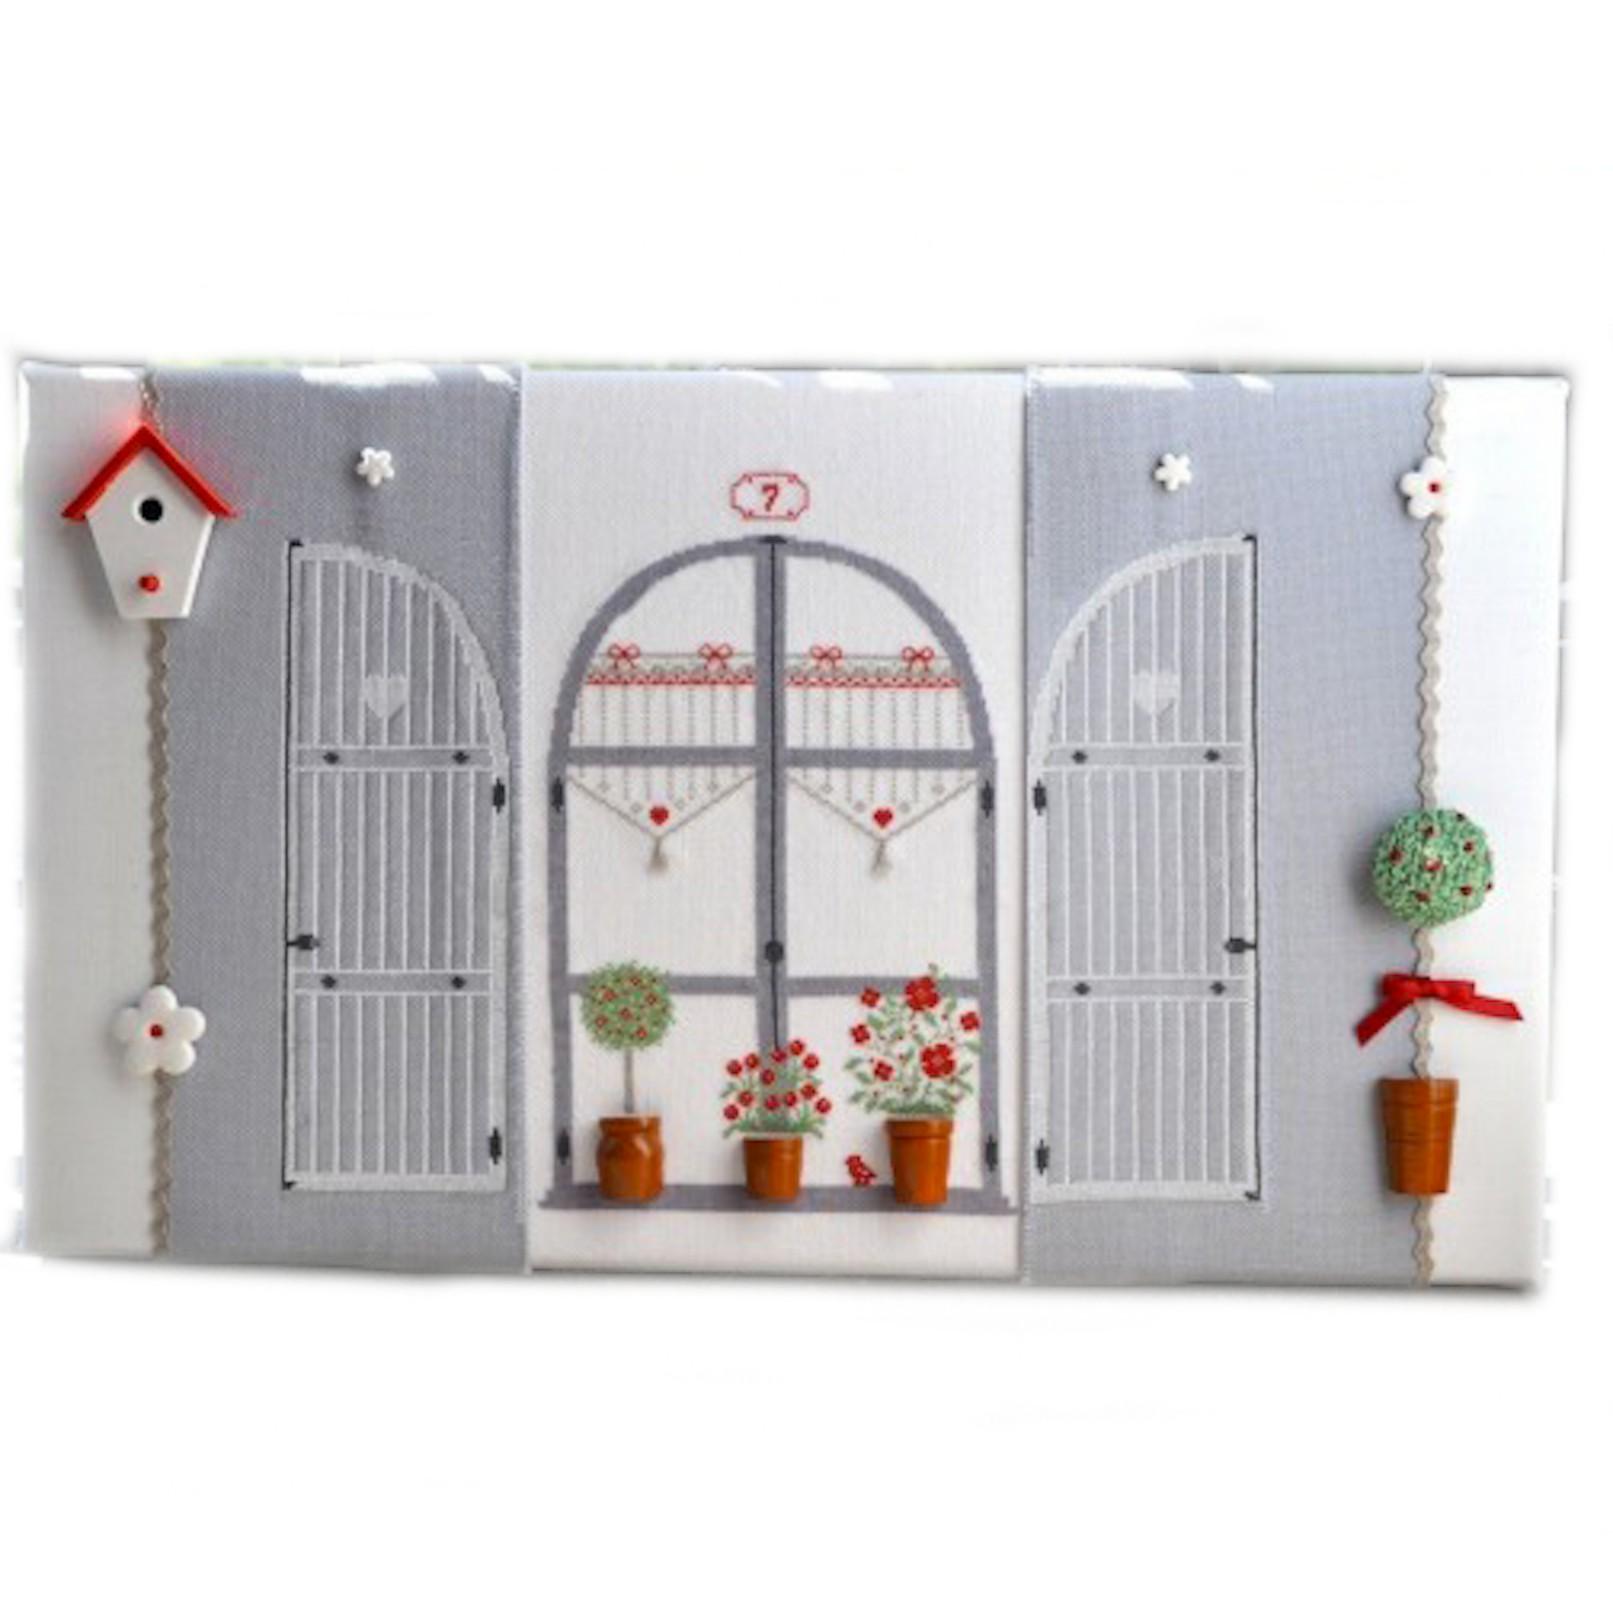 #842F13 Par La Fenêtre (grille   Miniatures) Broderie Au Point De  6357 decoration noel a faire soi meme gratuit 1613x1613 px @ aertt.com